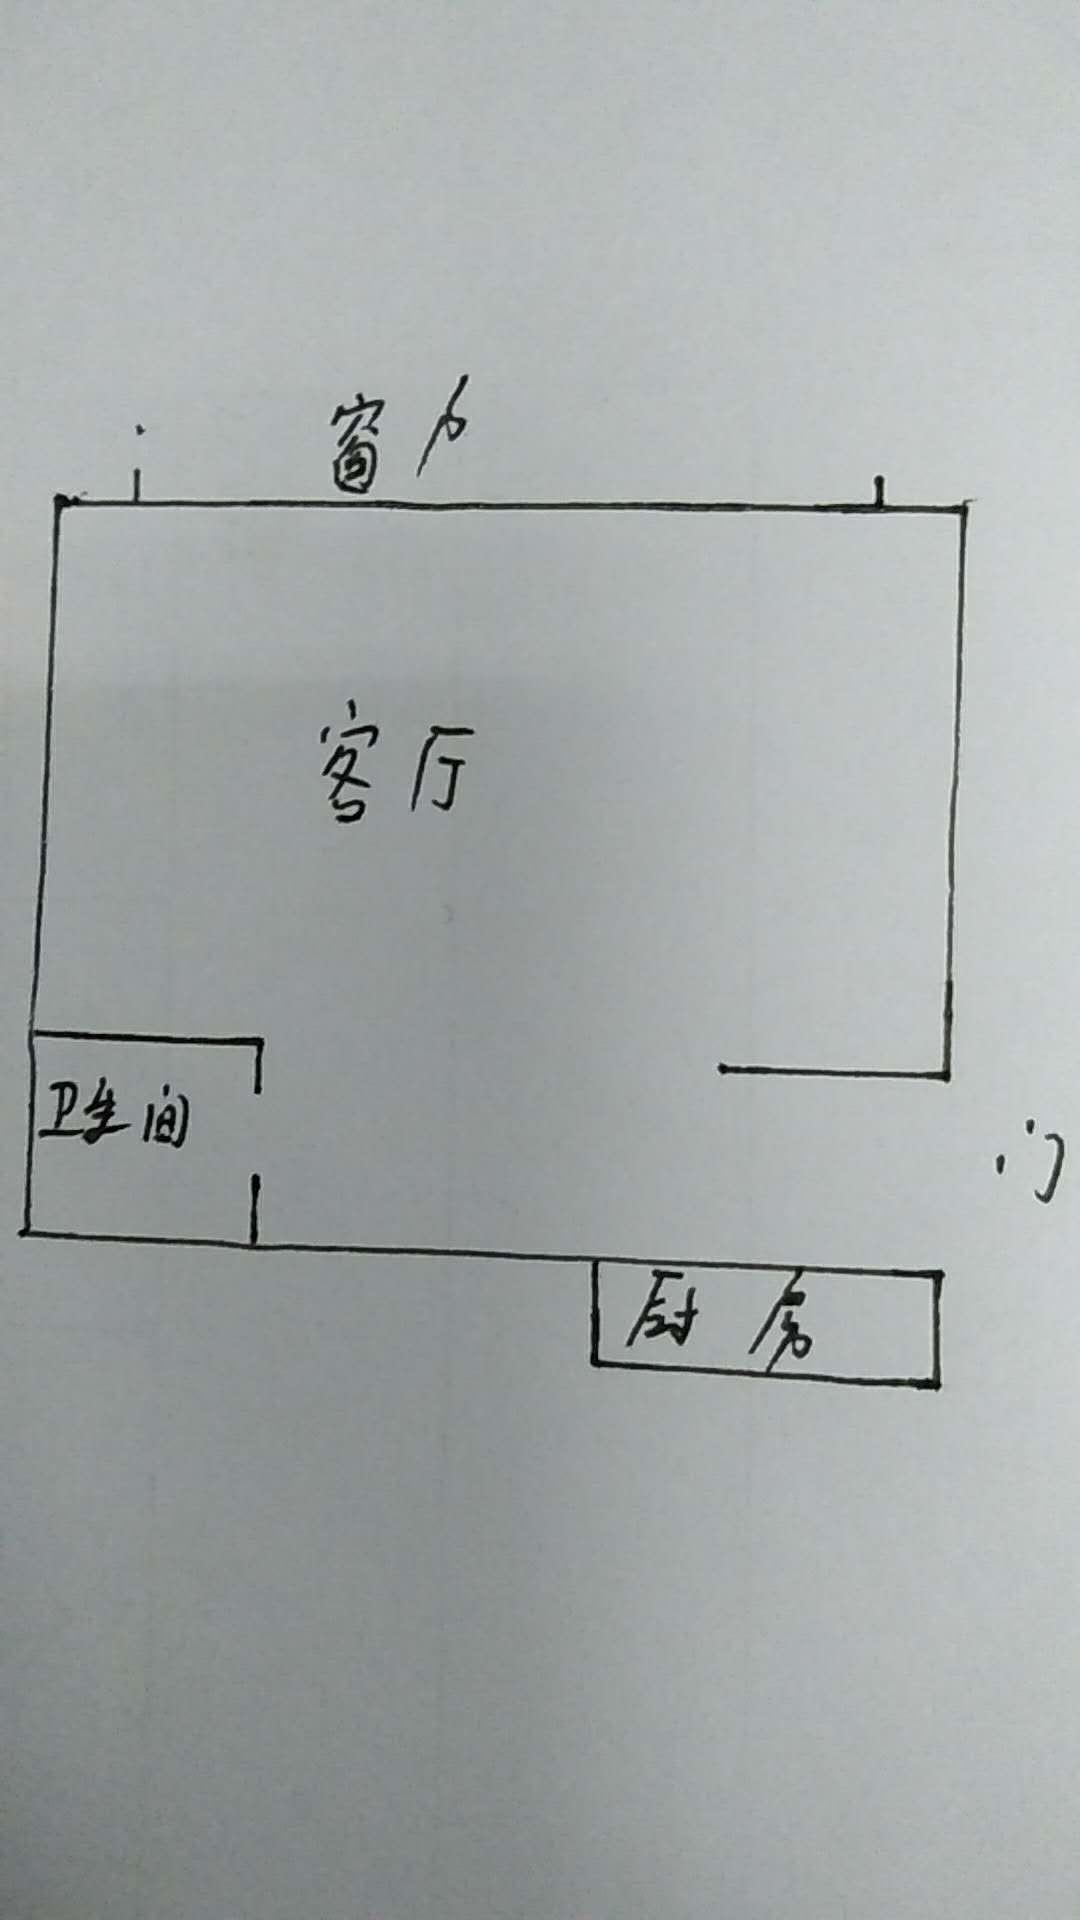 万达广场公寓 1室1厅 9楼